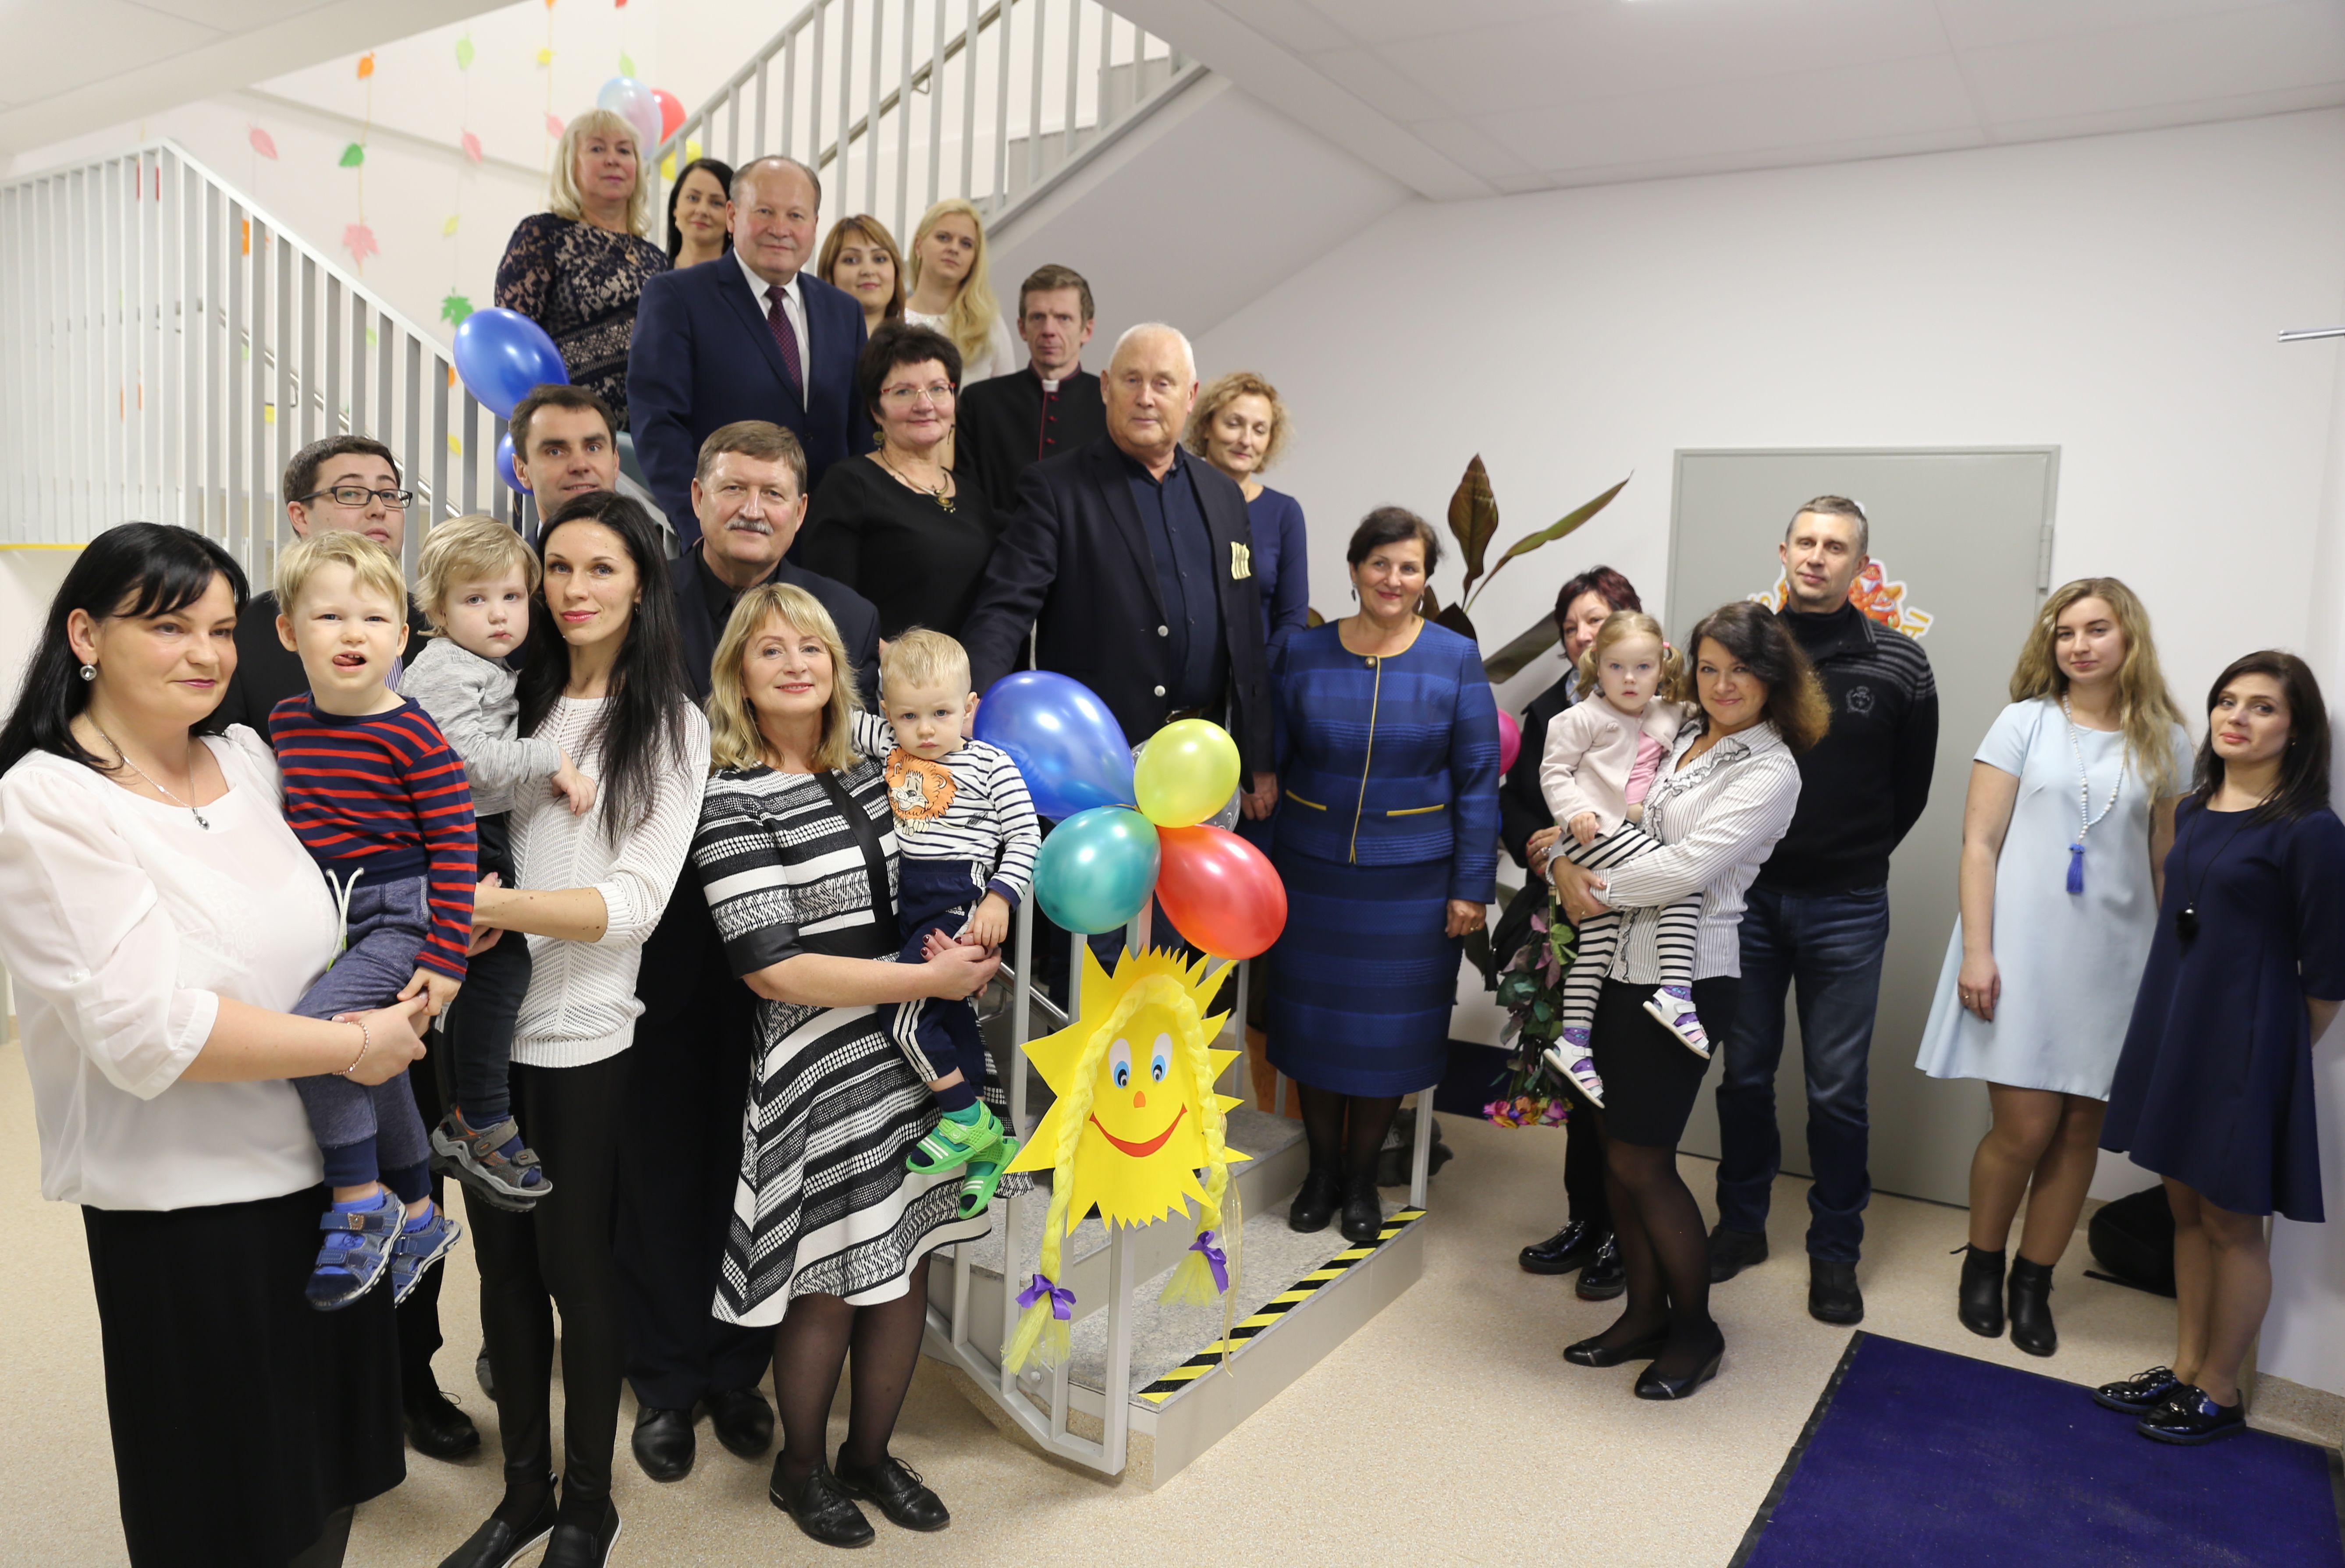 Giraitės šuolis: per du metus – 10 naujų darželinukų grupių | Kauno rajono savivaldybės nuotr.